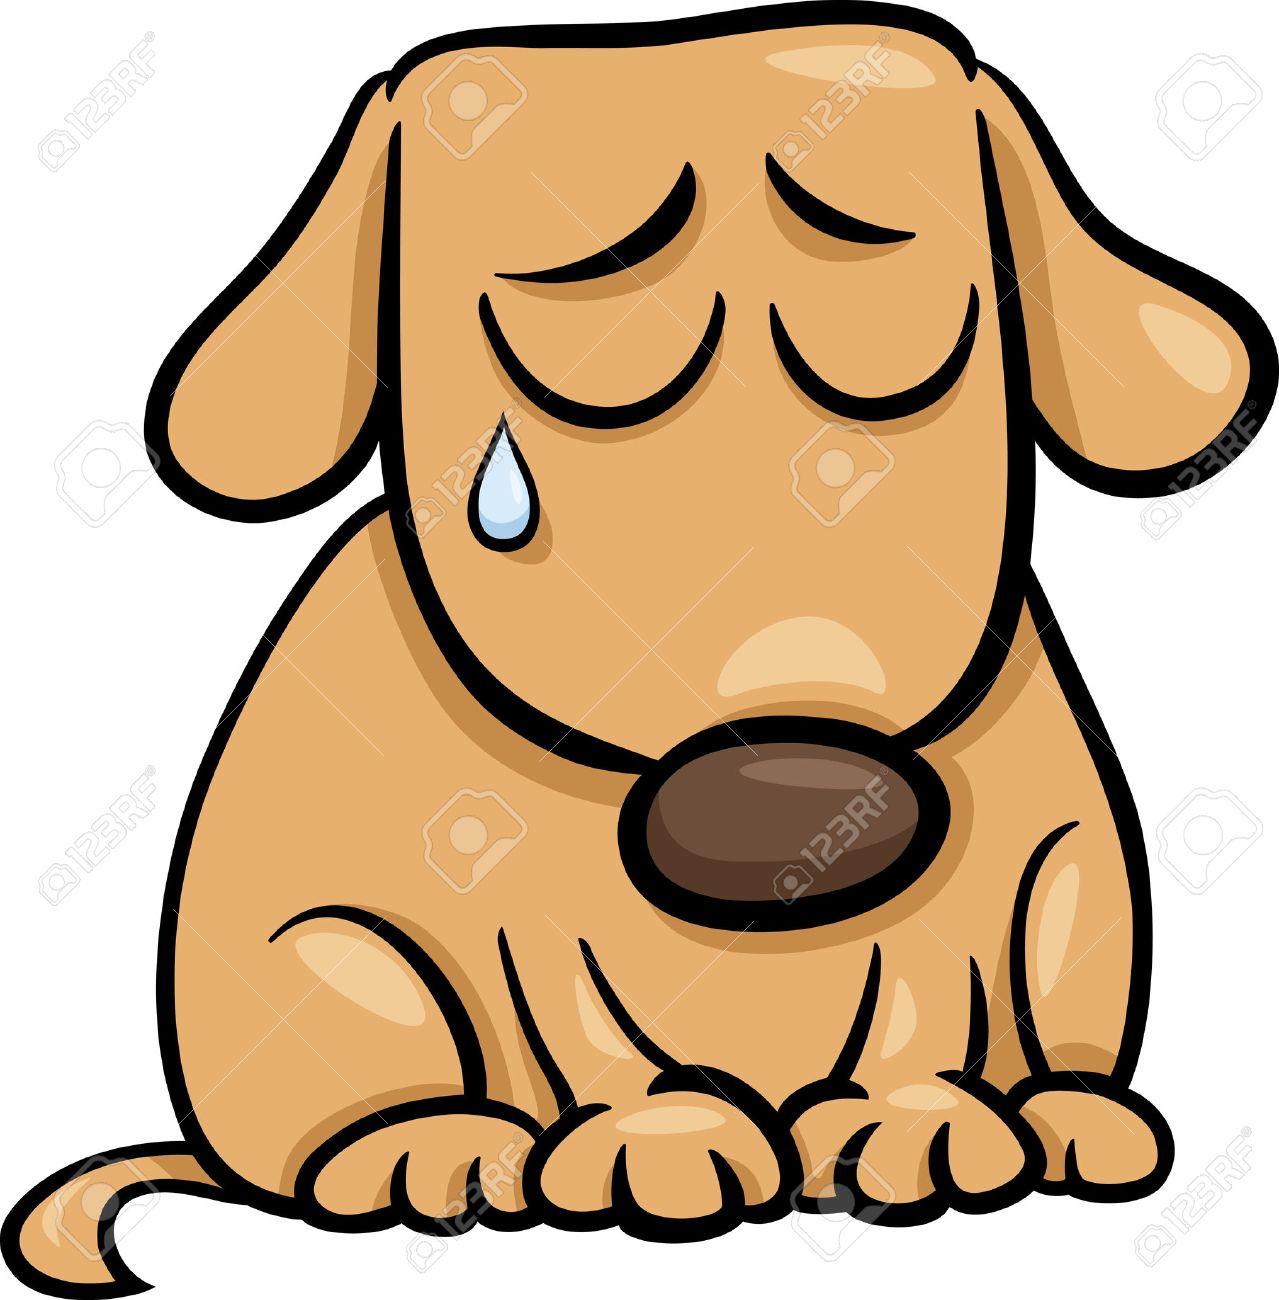 Ilustración De Dibujos Animados De Perro Triste Lindo Perrito O